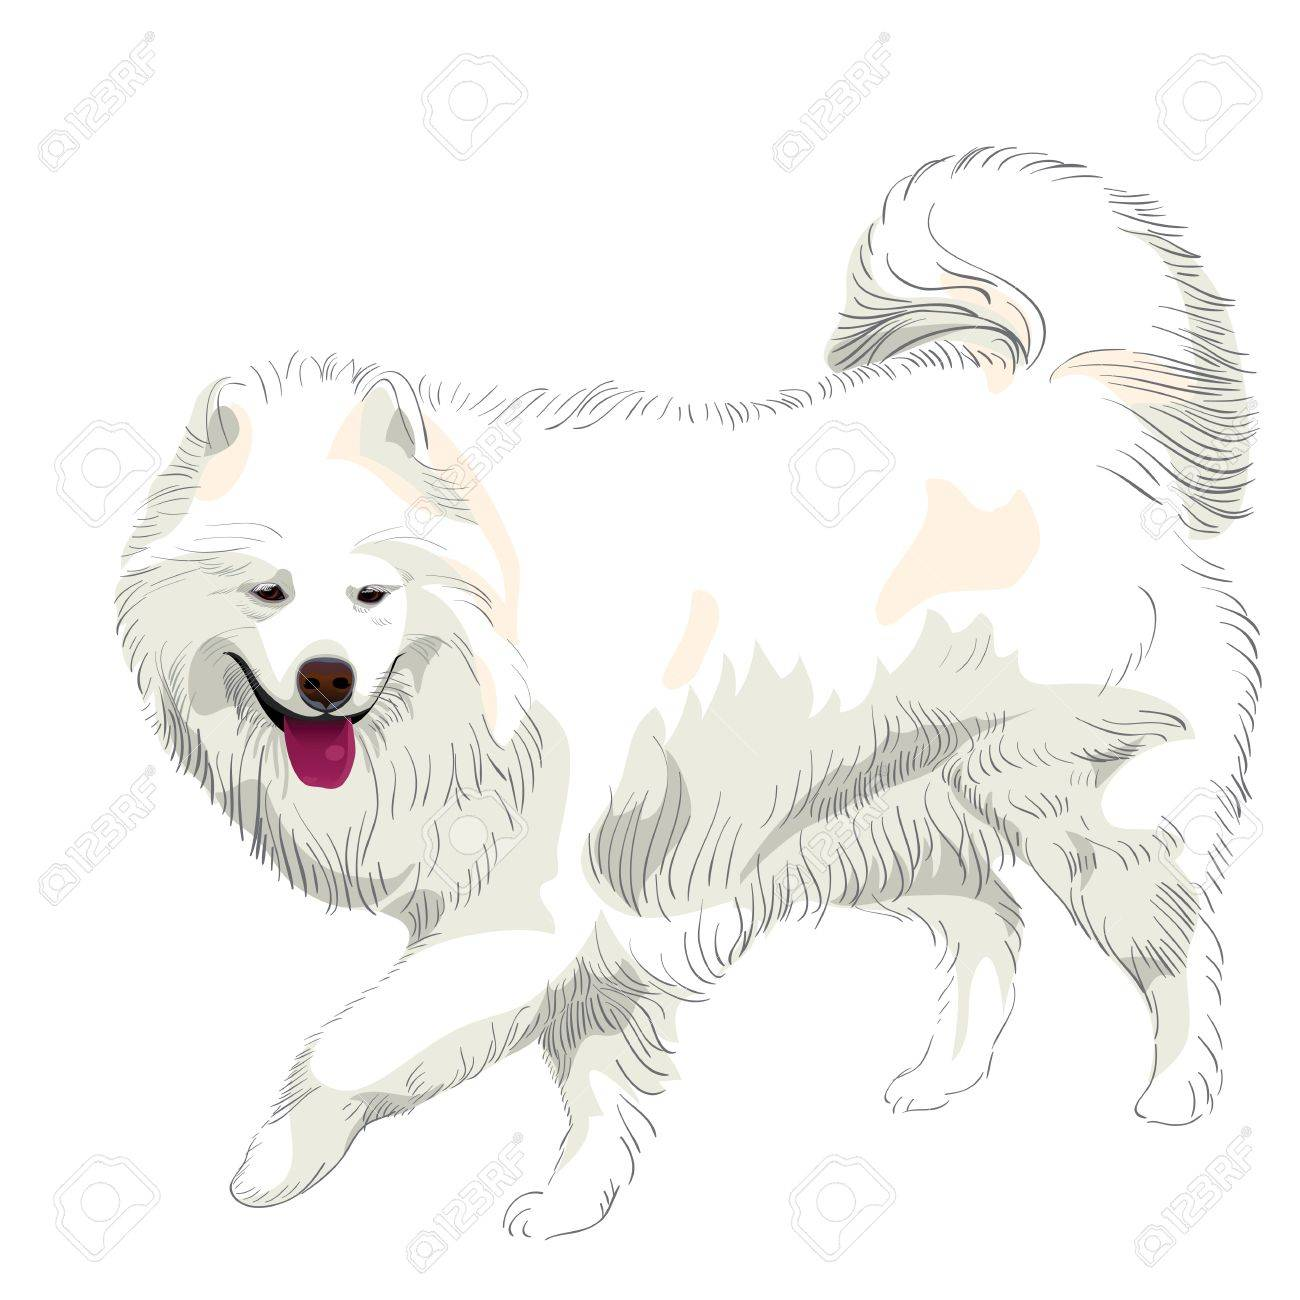 ふわふわした白いサモエド犬が実行され 笑顔のイラスト素材 ベクタ Image